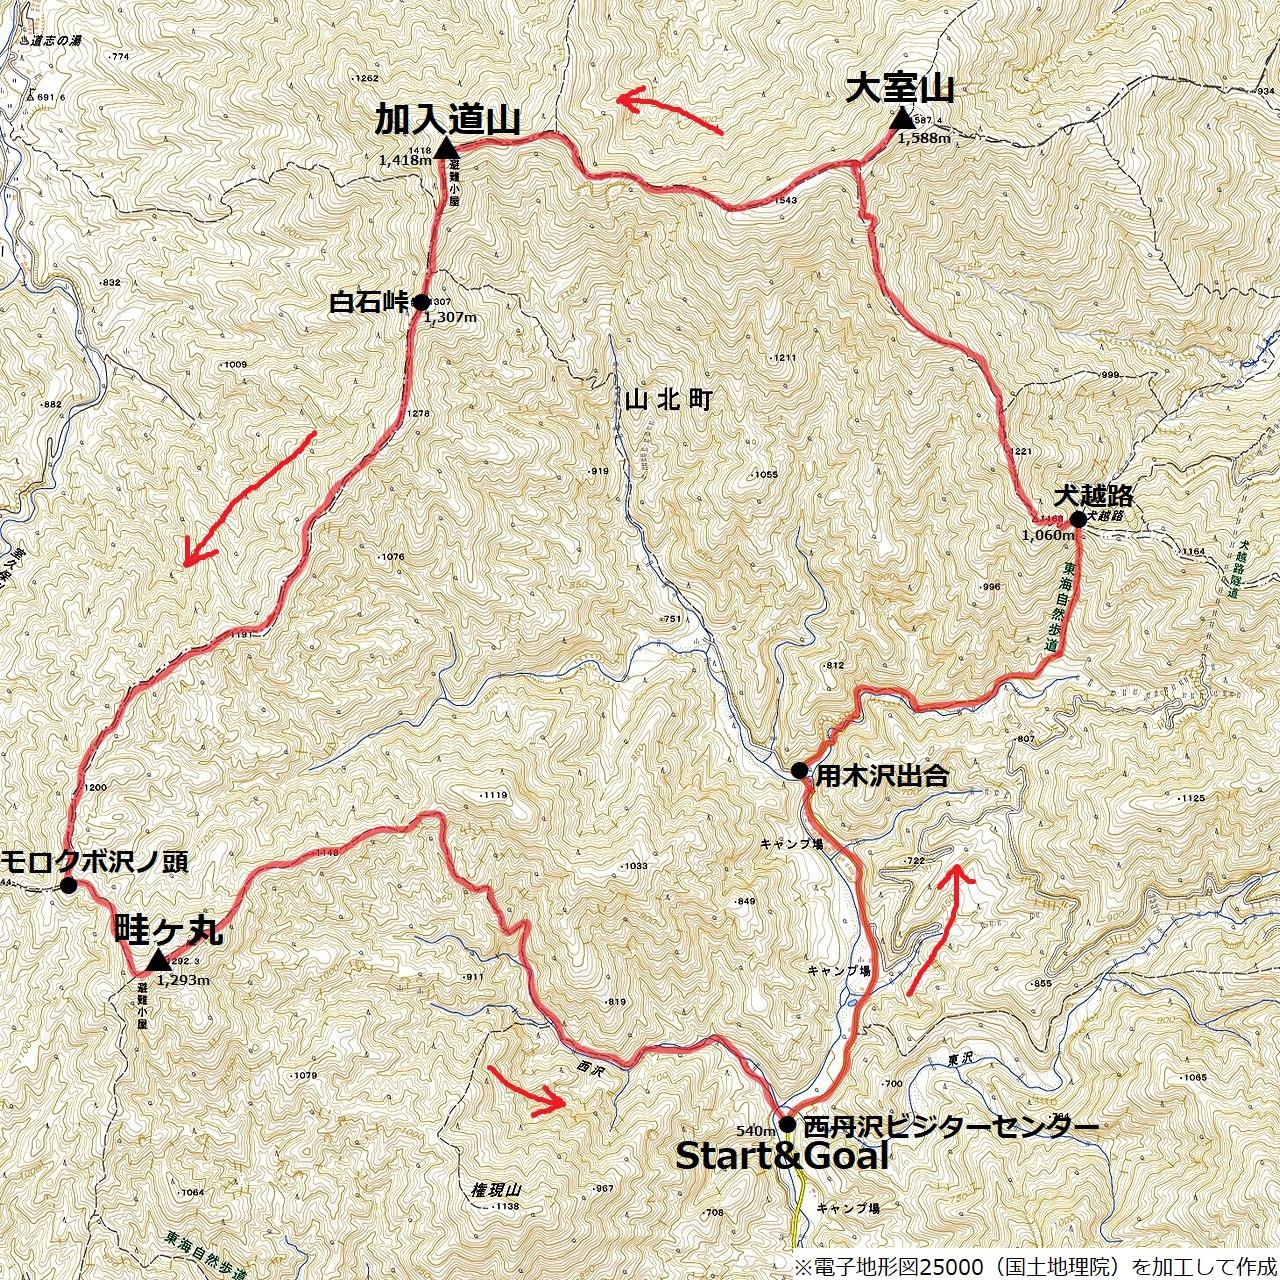 160611_map